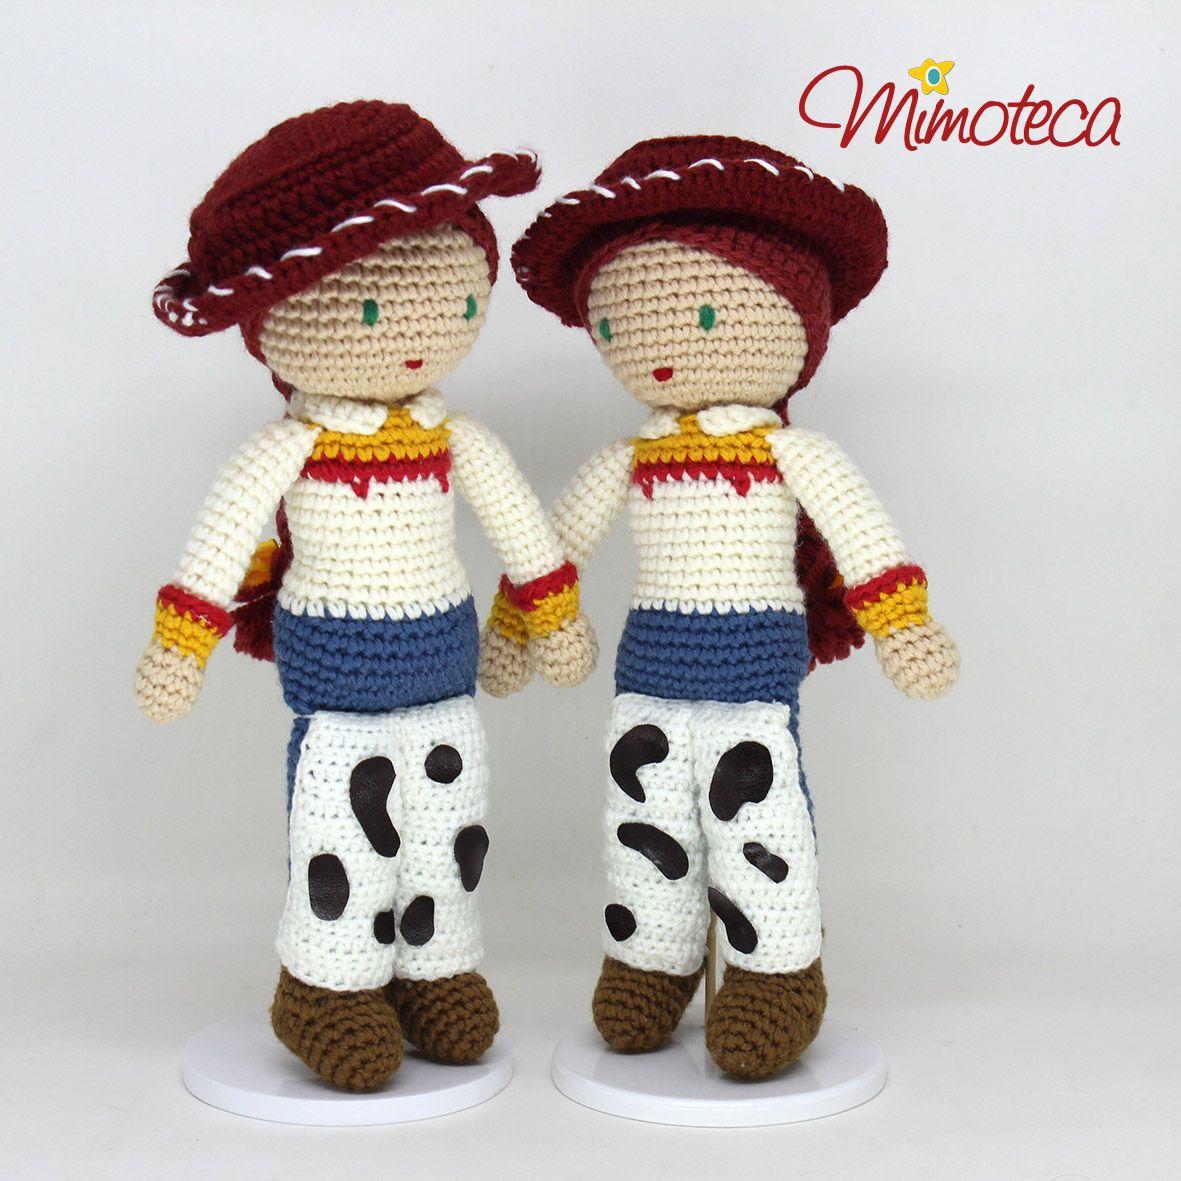 TOYSTORY Mimos personalizados em crochet! Queremos alcançar a sua ...